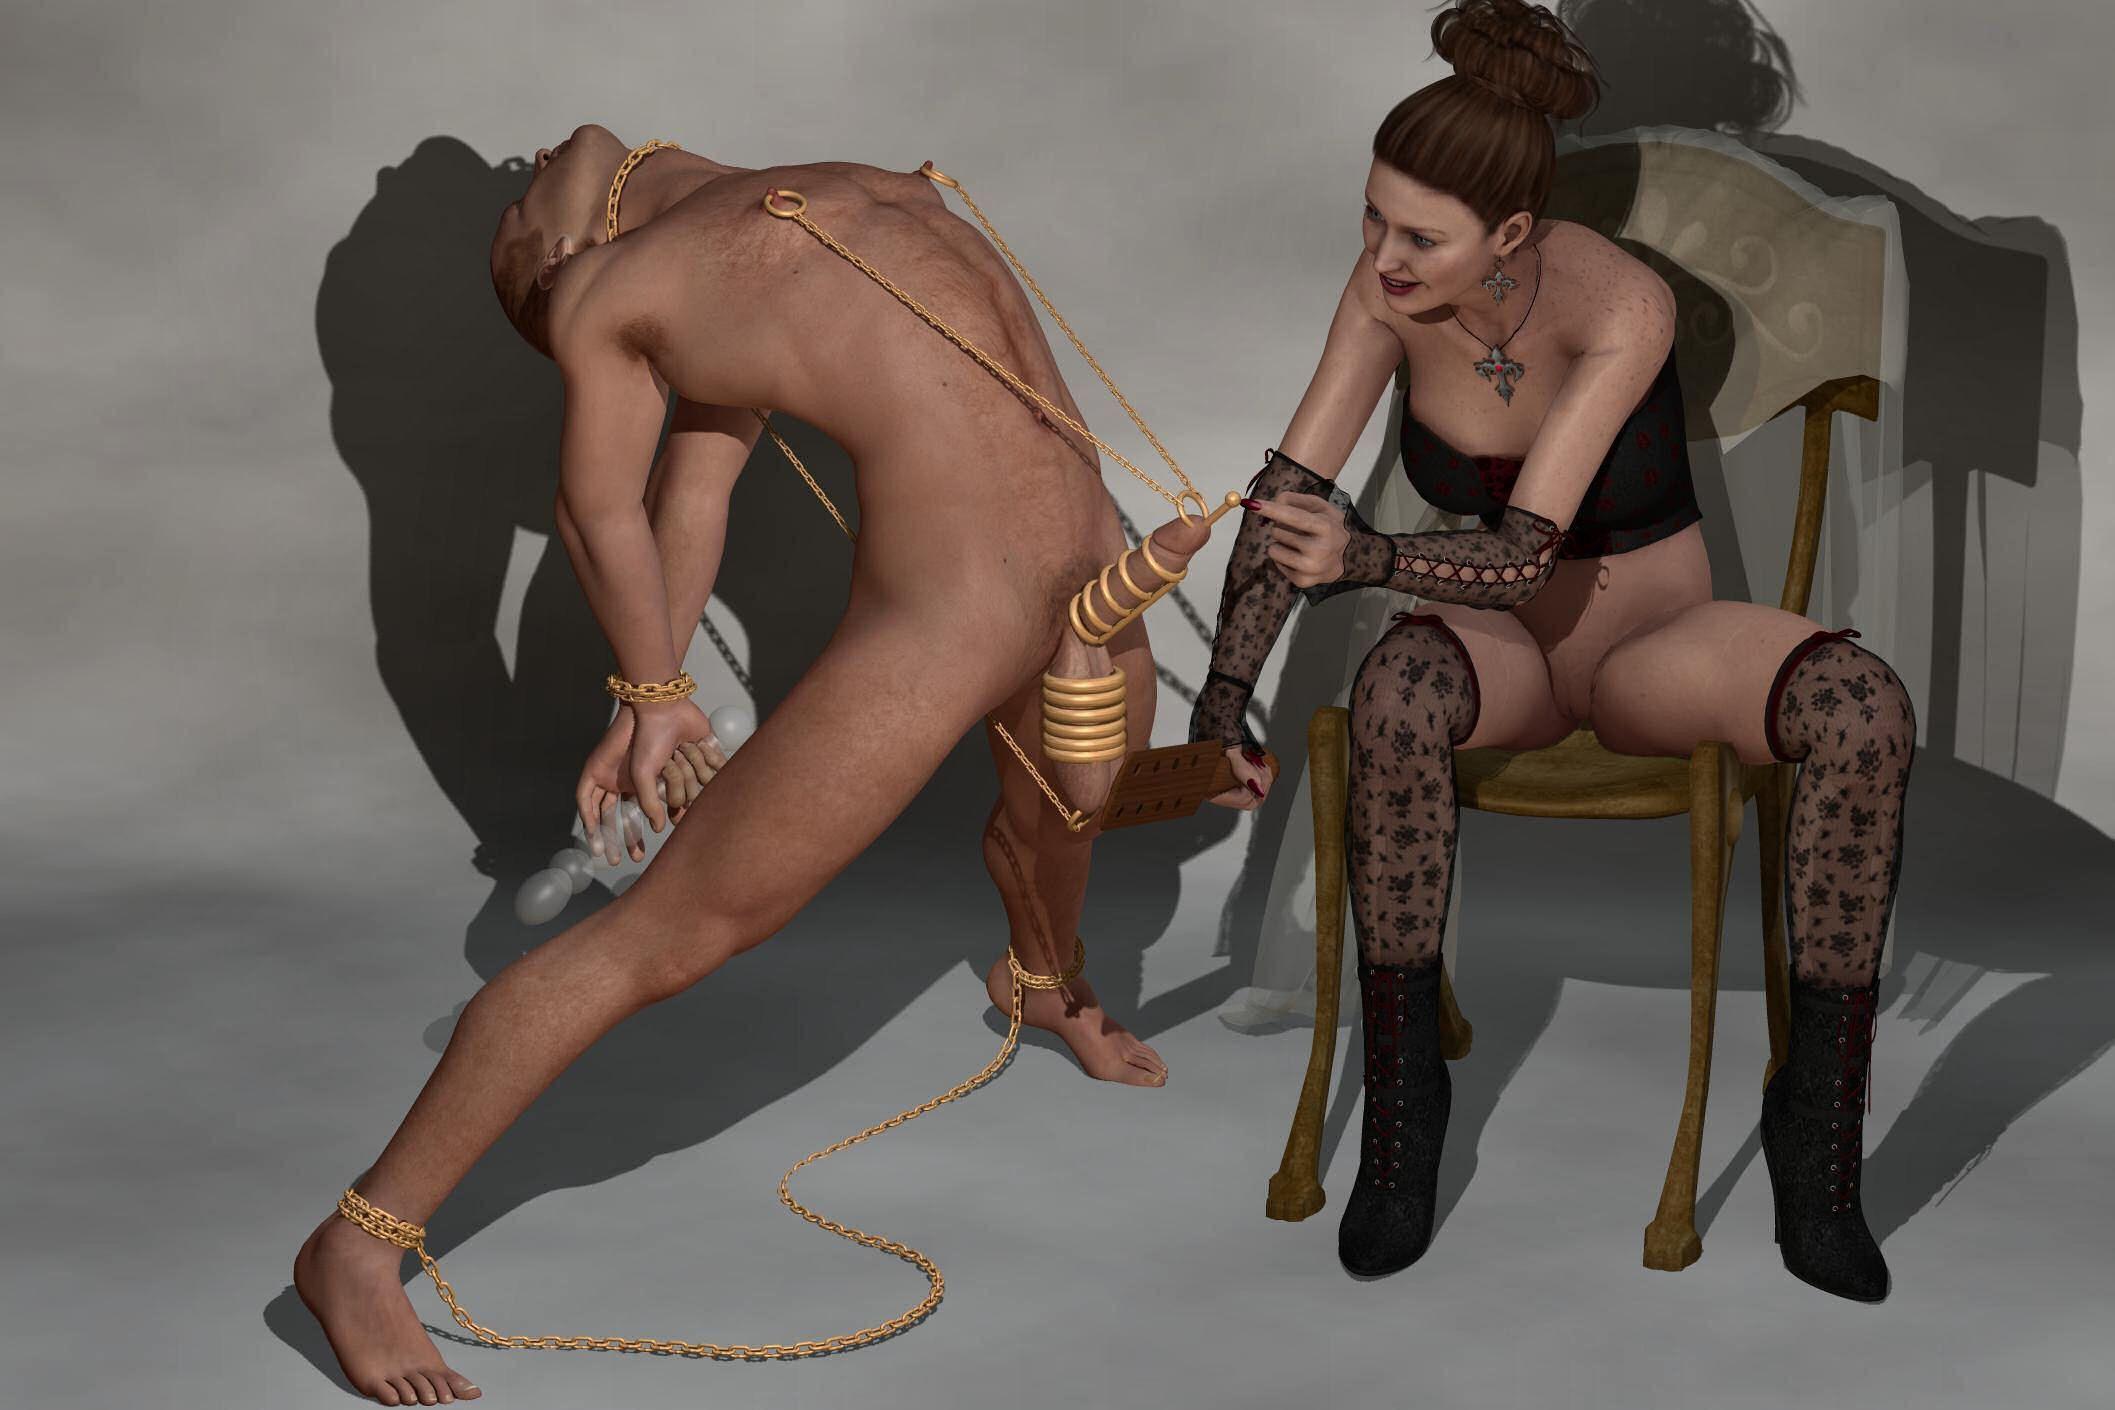 Body modification female domination